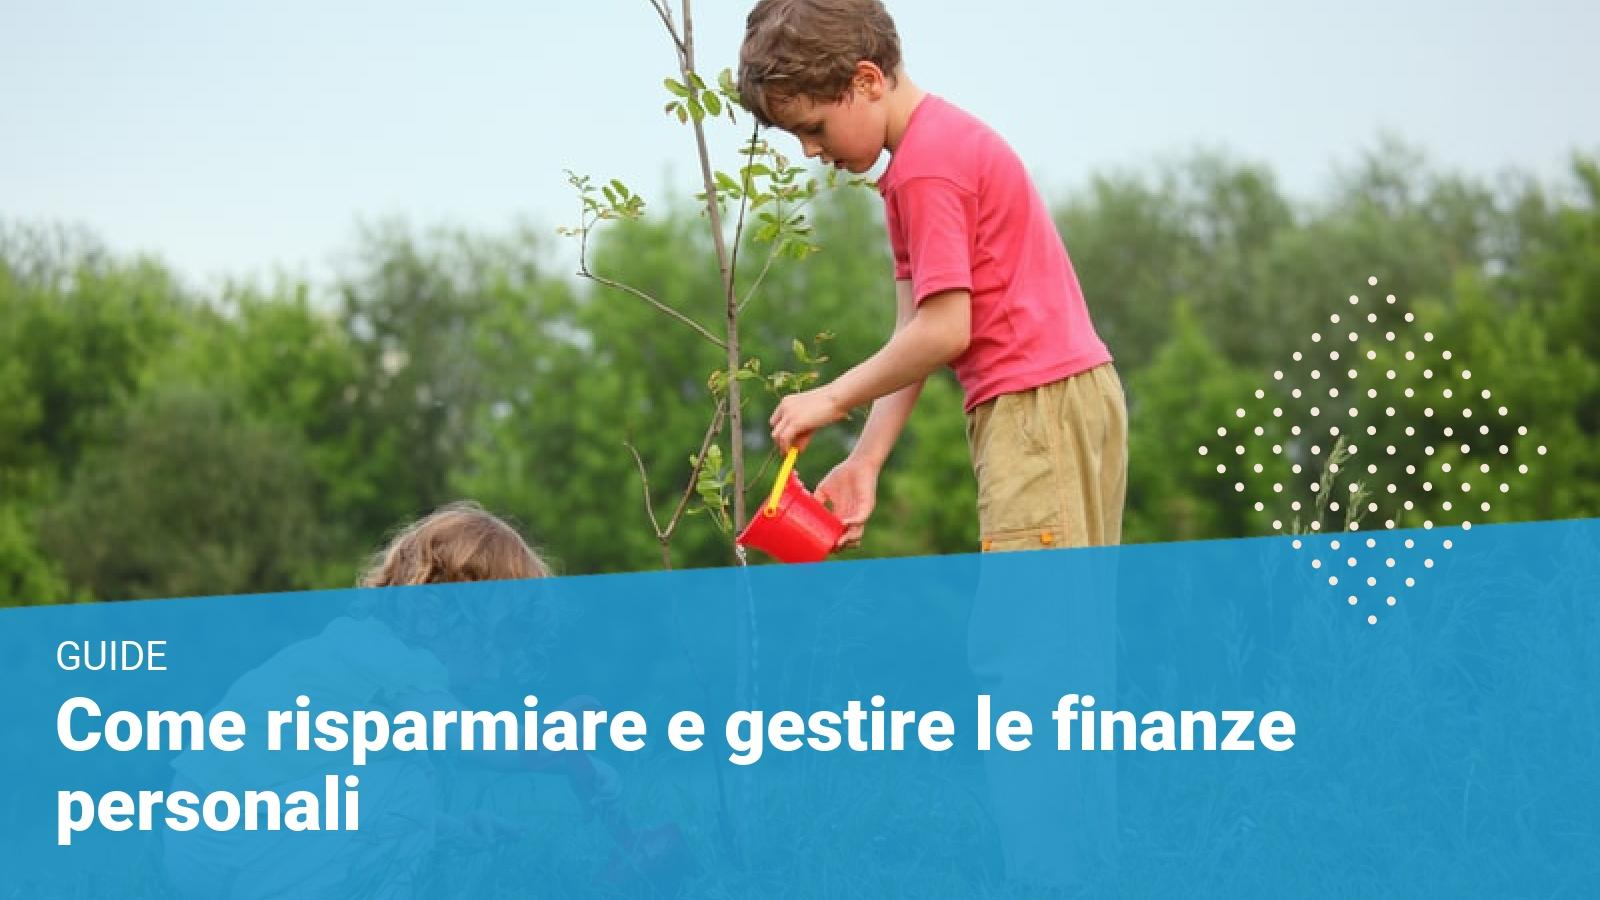 Come risparmiare - Financer.com Italia